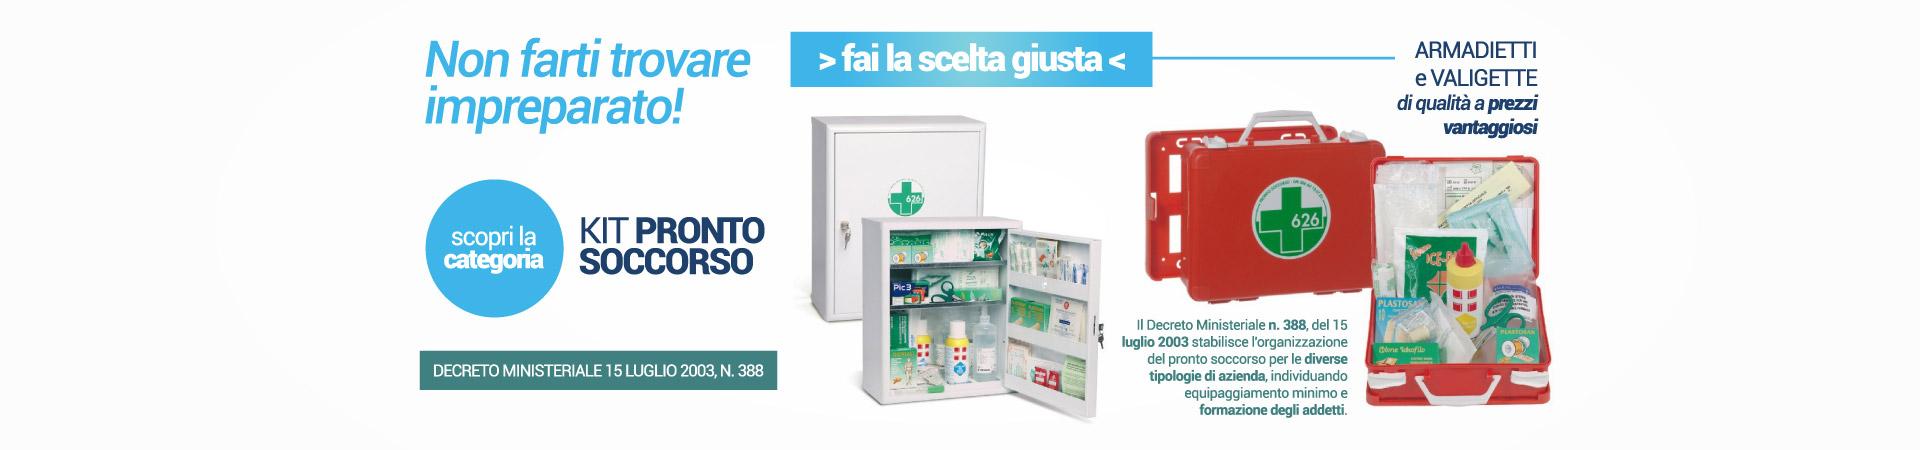 Kit Pronto Soccorso altri prodotti per Ortopedia | Elettromedicali | Forniture Ospedaliere | Medisanshop.com